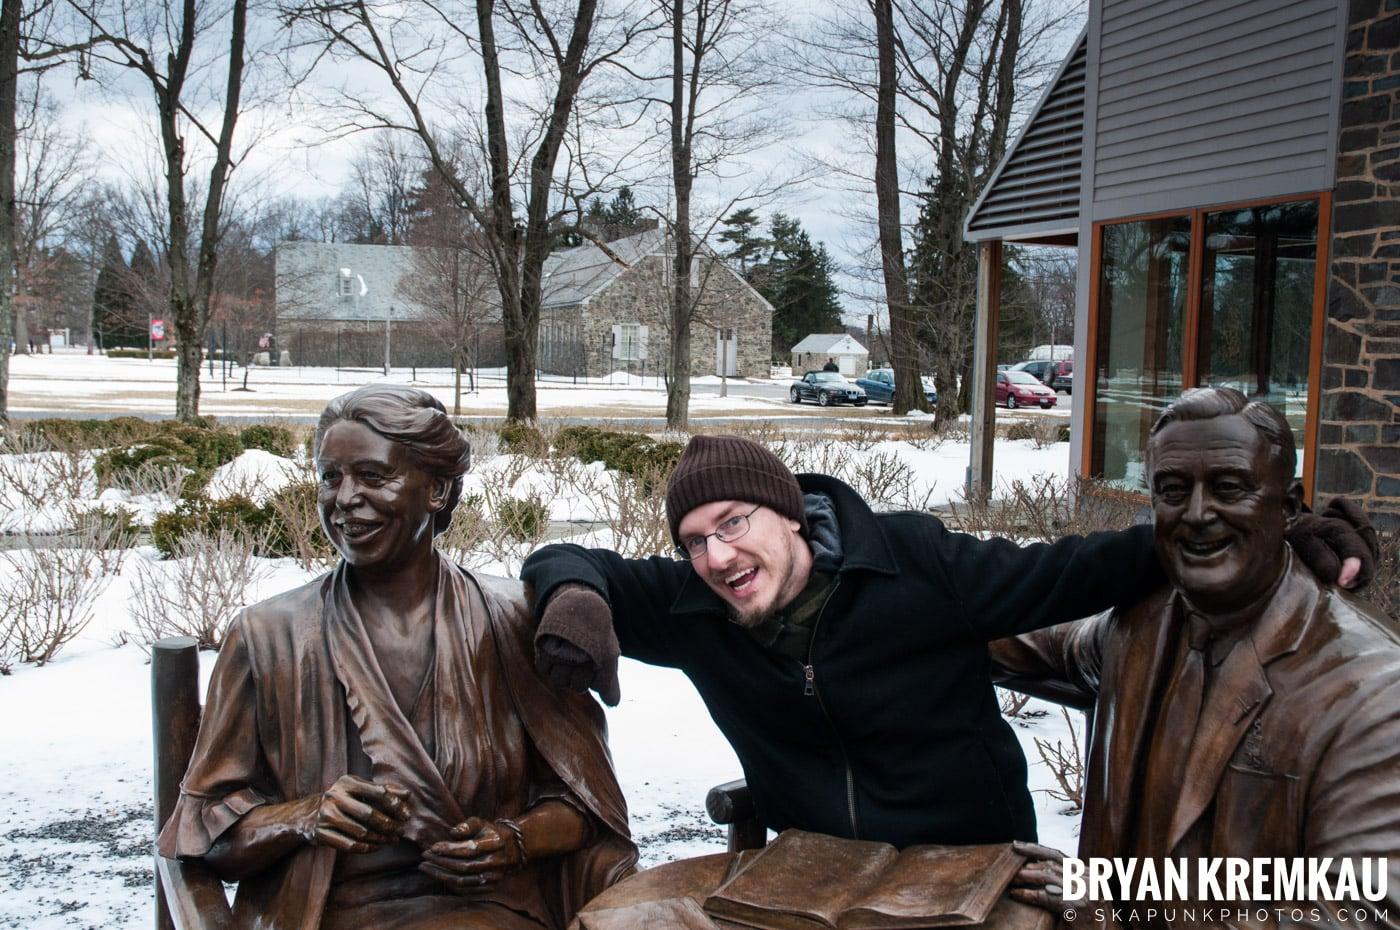 Valentine's Day Trip @ Rhinebeck, FDR's Home, Vanderbilt, Wilderstein Historic Site, NY - 2.14.10 (16)